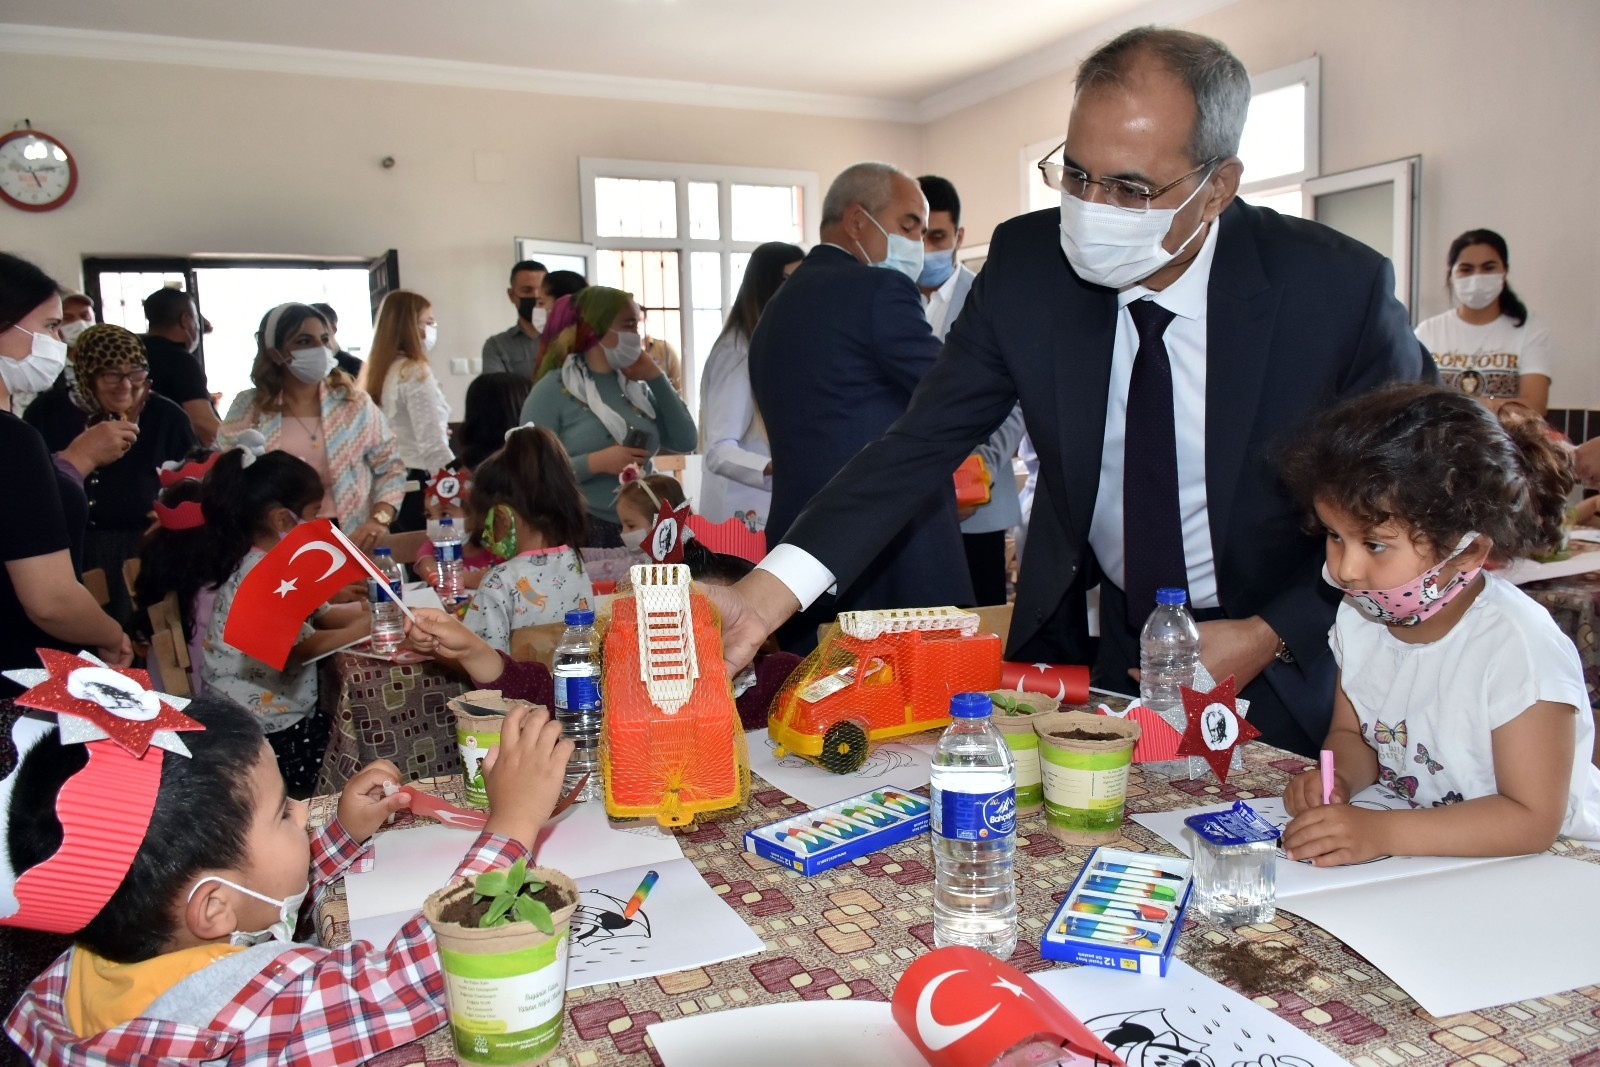 Kırsal mahallelerde eğitime destek! Tarsus'ta 'Köyüm Uzakta Öğretmenim Yanımda Projesi'